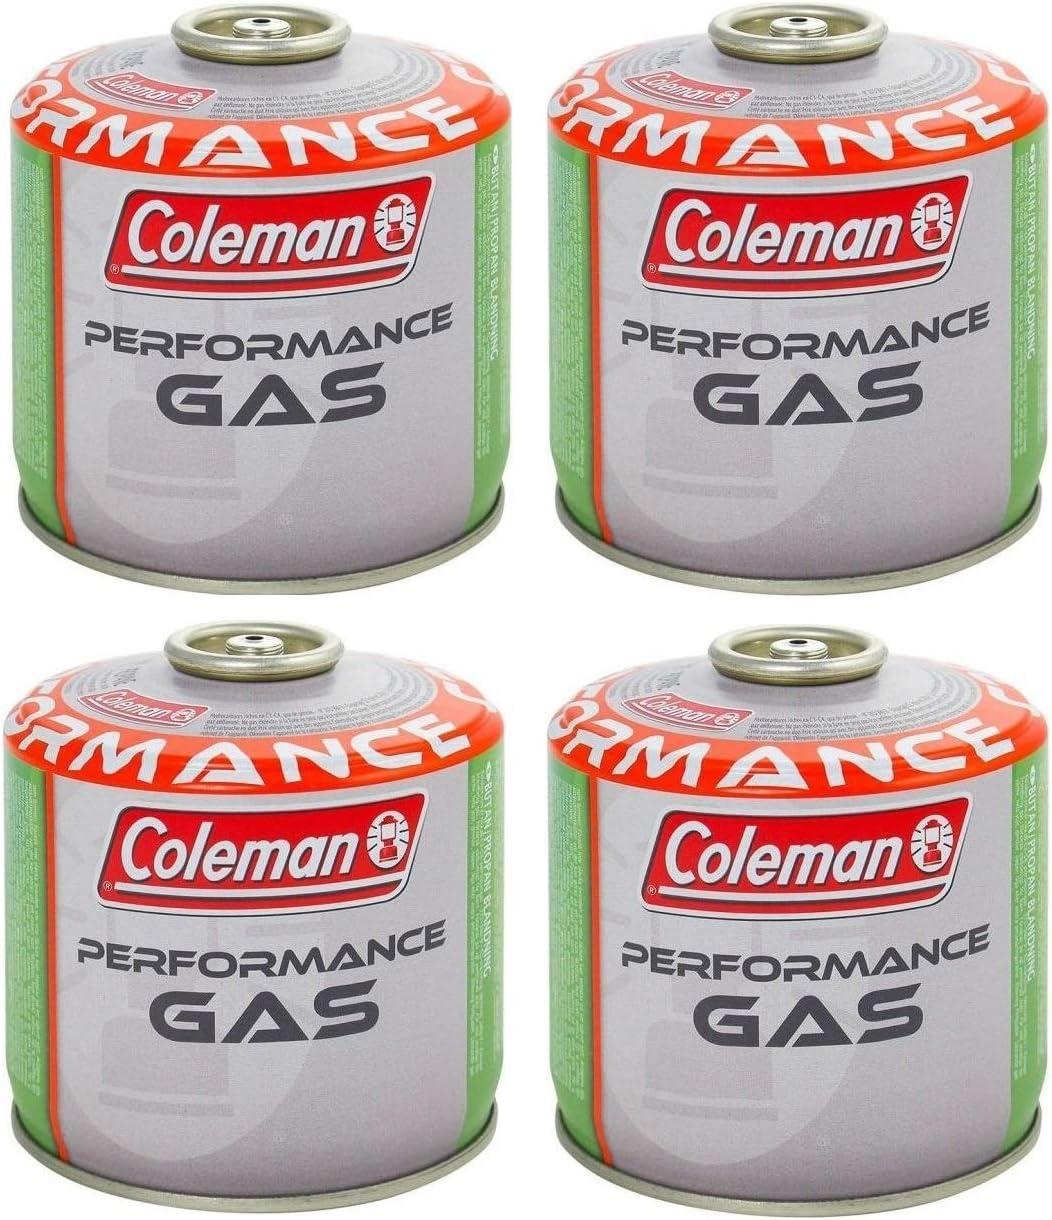 Prime - Bombona de gas Coleman C300 Performance de rosca con 240 g de gas (mezcla butano/propano) para todos los productos Coleman con conexión a ...